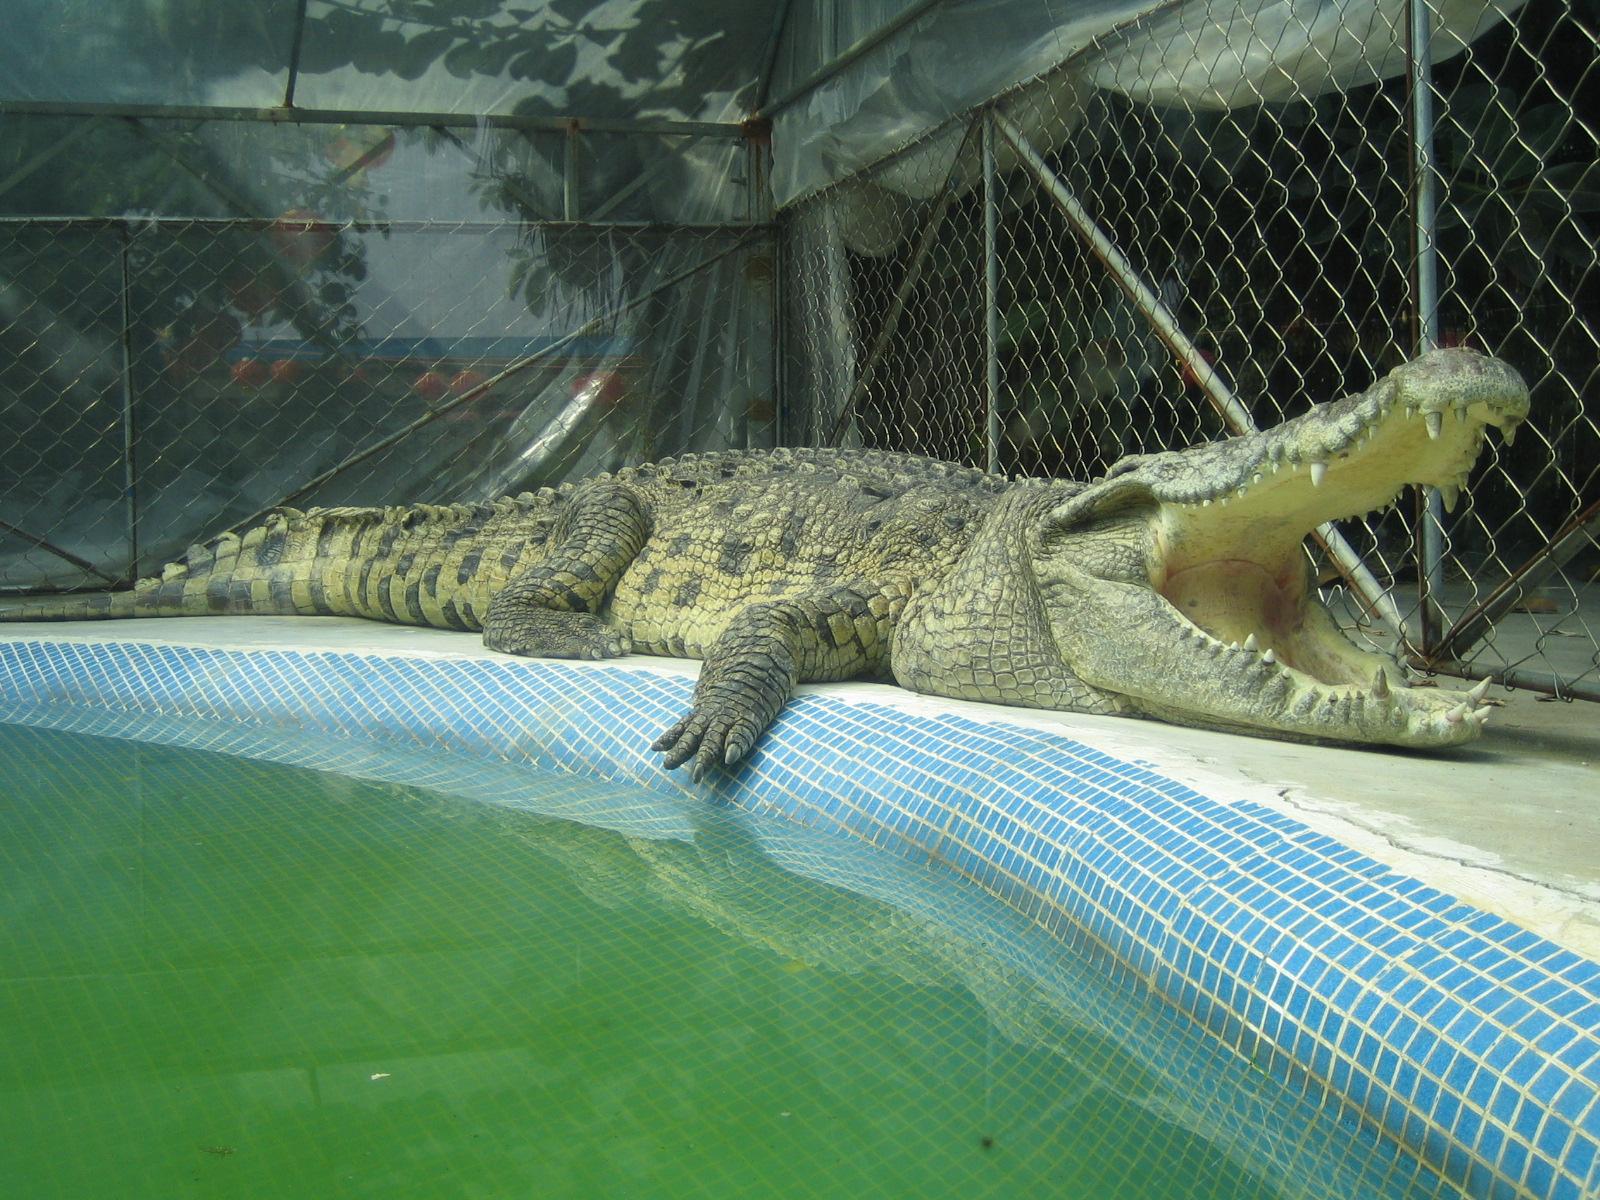 广州鳄鱼公园地址_鳄鱼公园电话地址图预订广州公园–饭统网